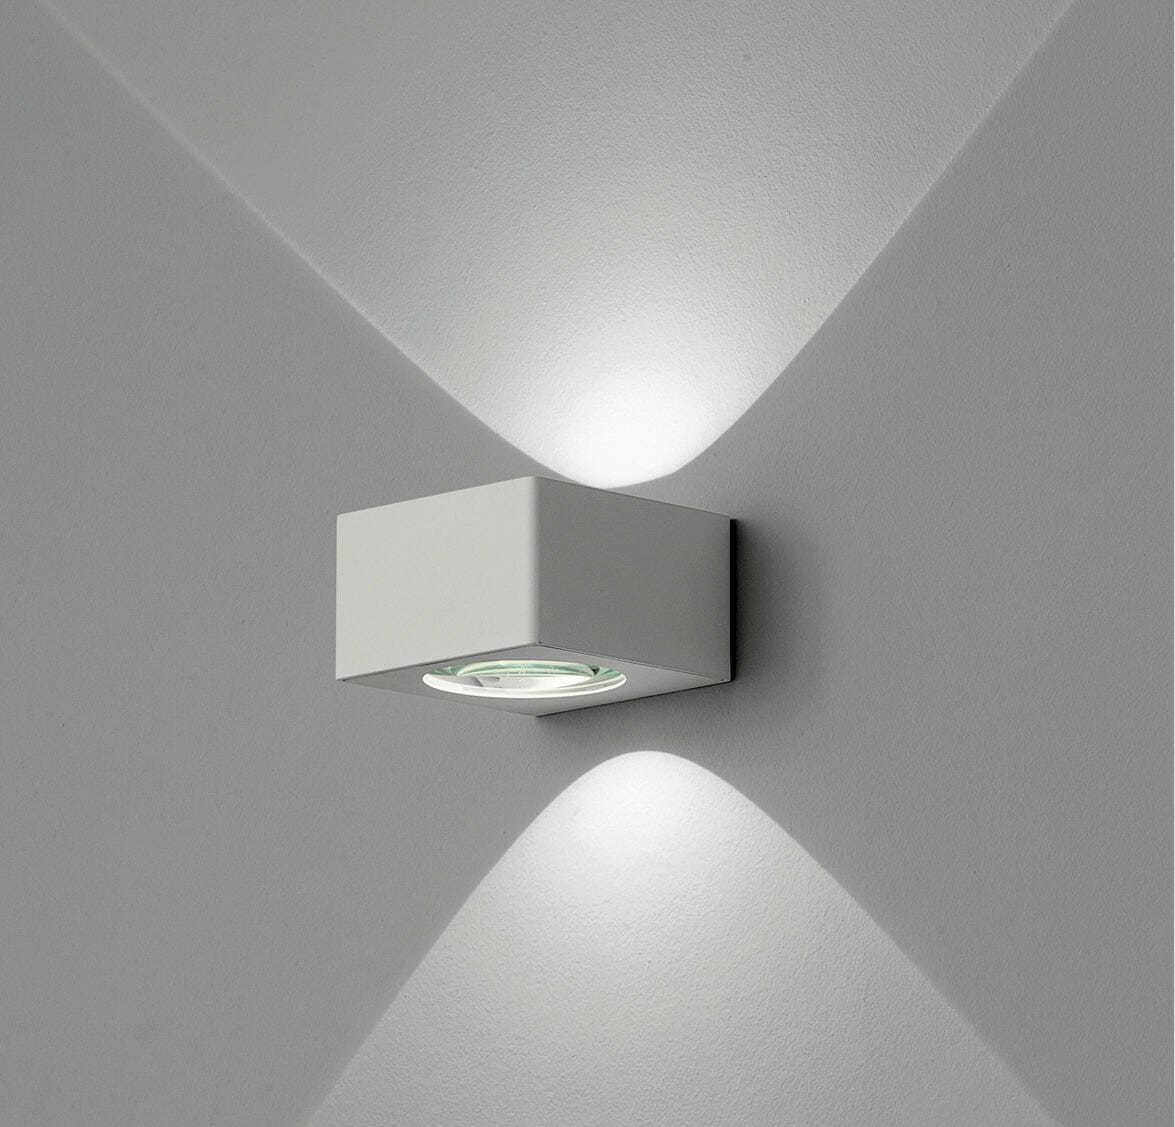 Lampada led parete biemissione lynn - Luci da interno a parete ...